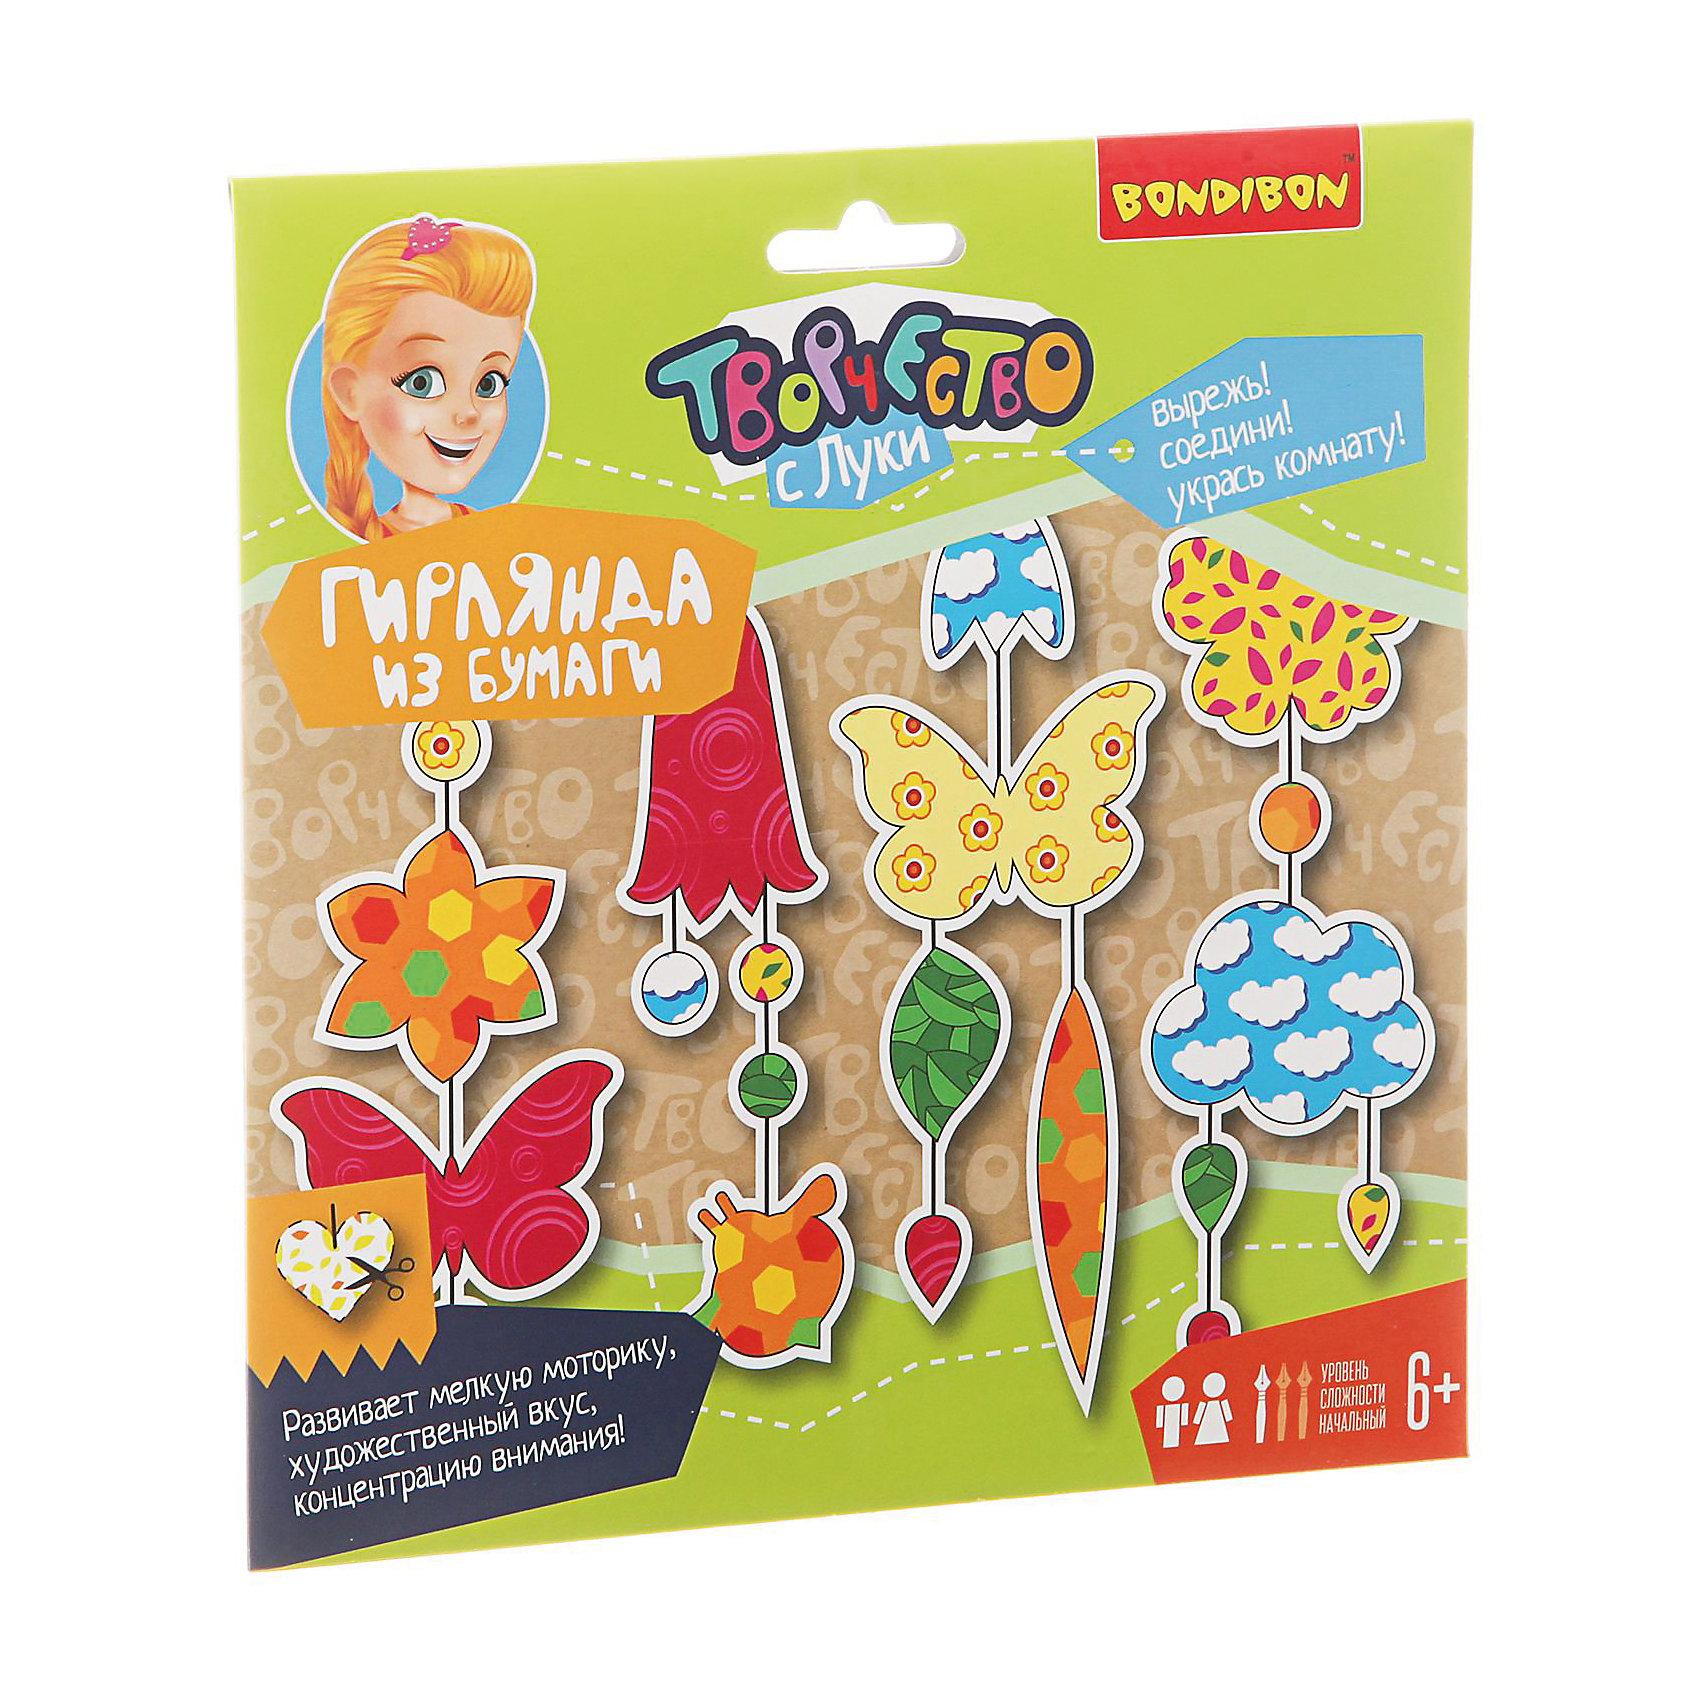 Гирлянда из бумаги Цветочная поляна, BondibonРукоделие<br>Киригами это - вид оригами, который предполагает фигурное вырезание бумажных деталей при помощи ножниц. С наборами от Bondibon ваш ребенок с легкостью освоит новую технику и придумает красочные гирлянды для украшения своей комнаты!<br><br>Ширина мм: 230<br>Глубина мм: 5<br>Высота мм: 230<br>Вес г: 62<br>Возраст от месяцев: 72<br>Возраст до месяцев: 192<br>Пол: Унисекс<br>Возраст: Детский<br>SKU: 5398967